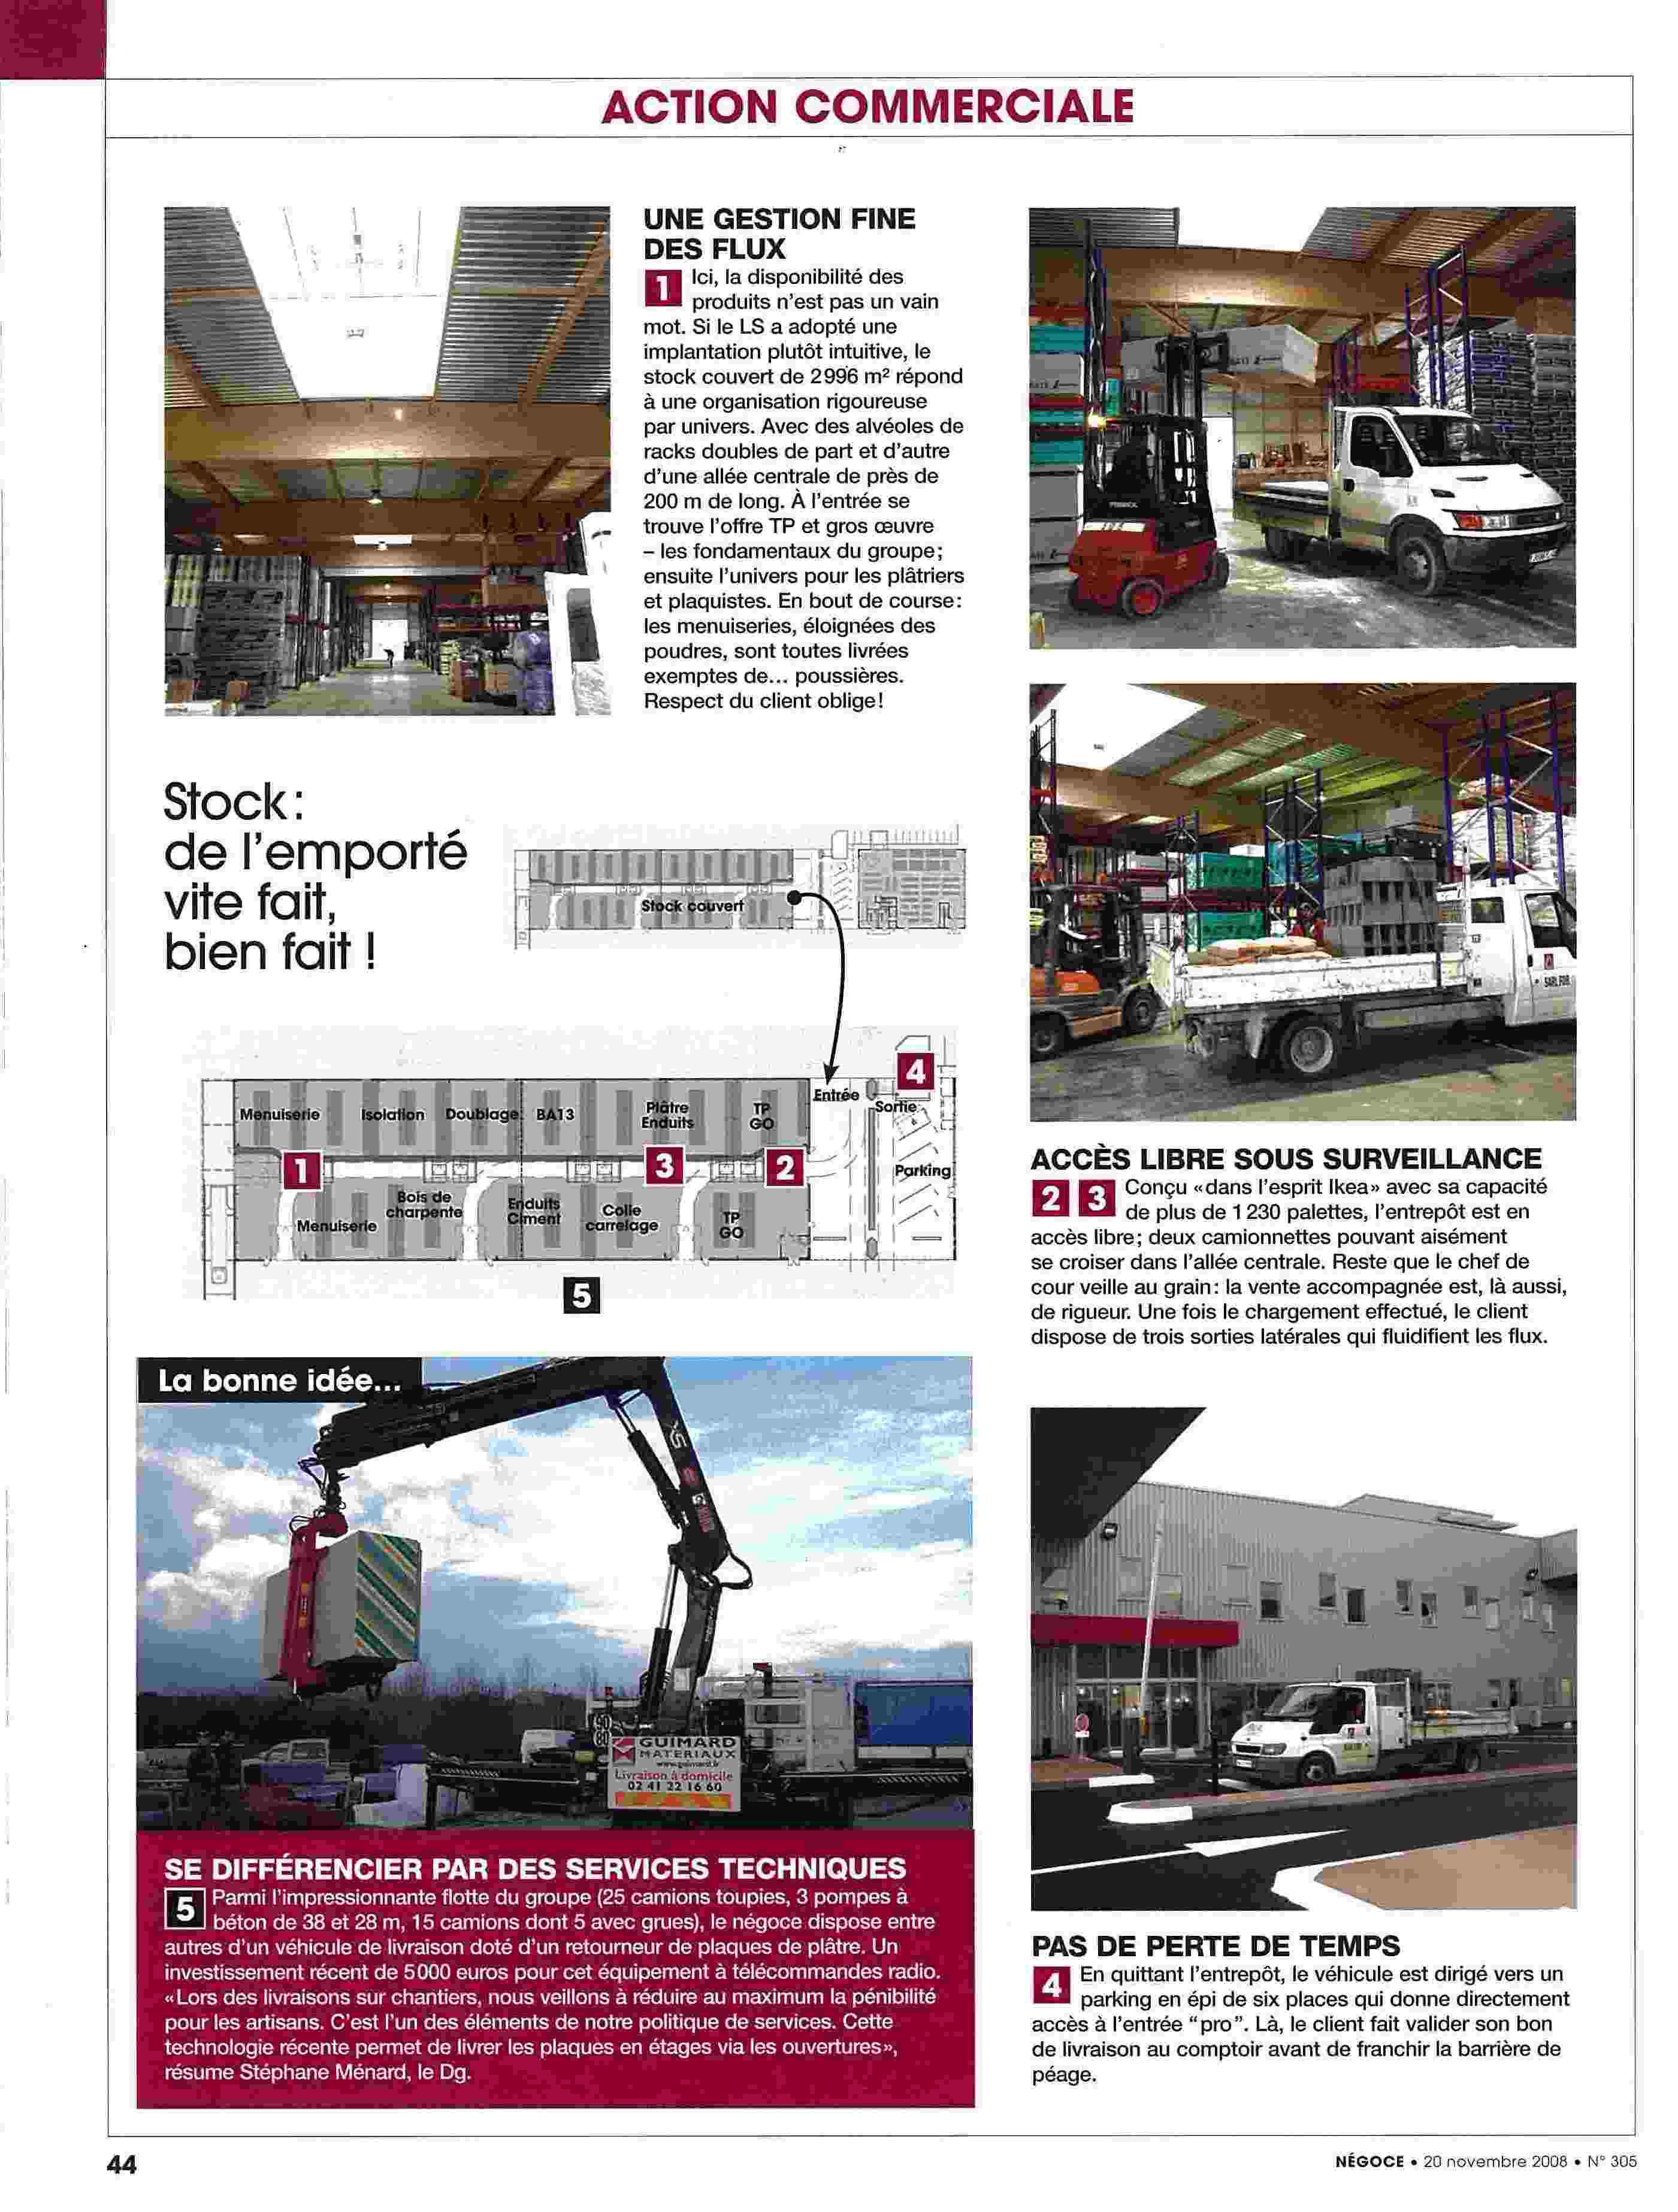 NEGOCE NOVEMBRE 2008 PAGE 3